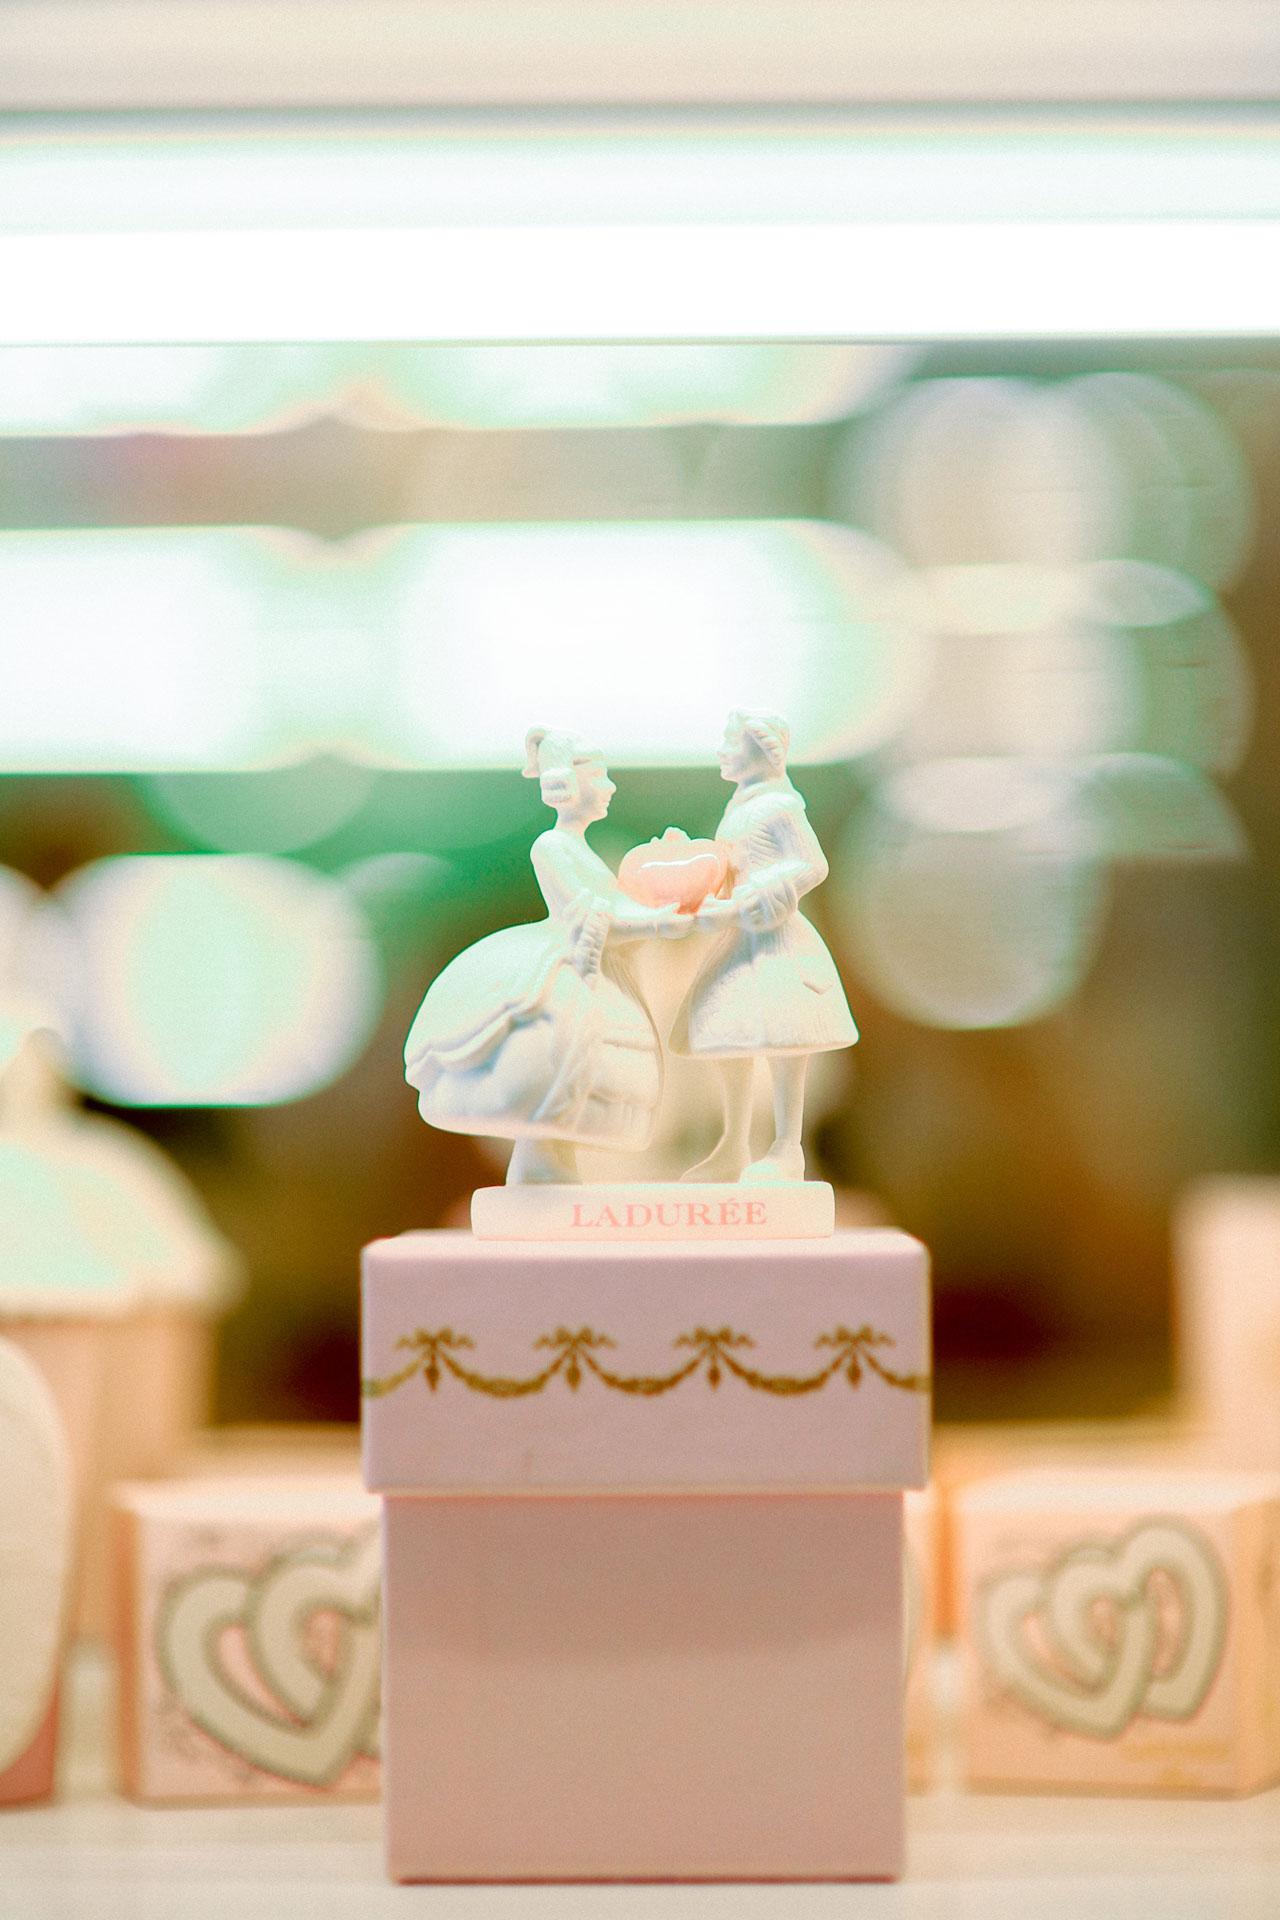 Ladurée французский макарон интервью торт свадебный фото 6